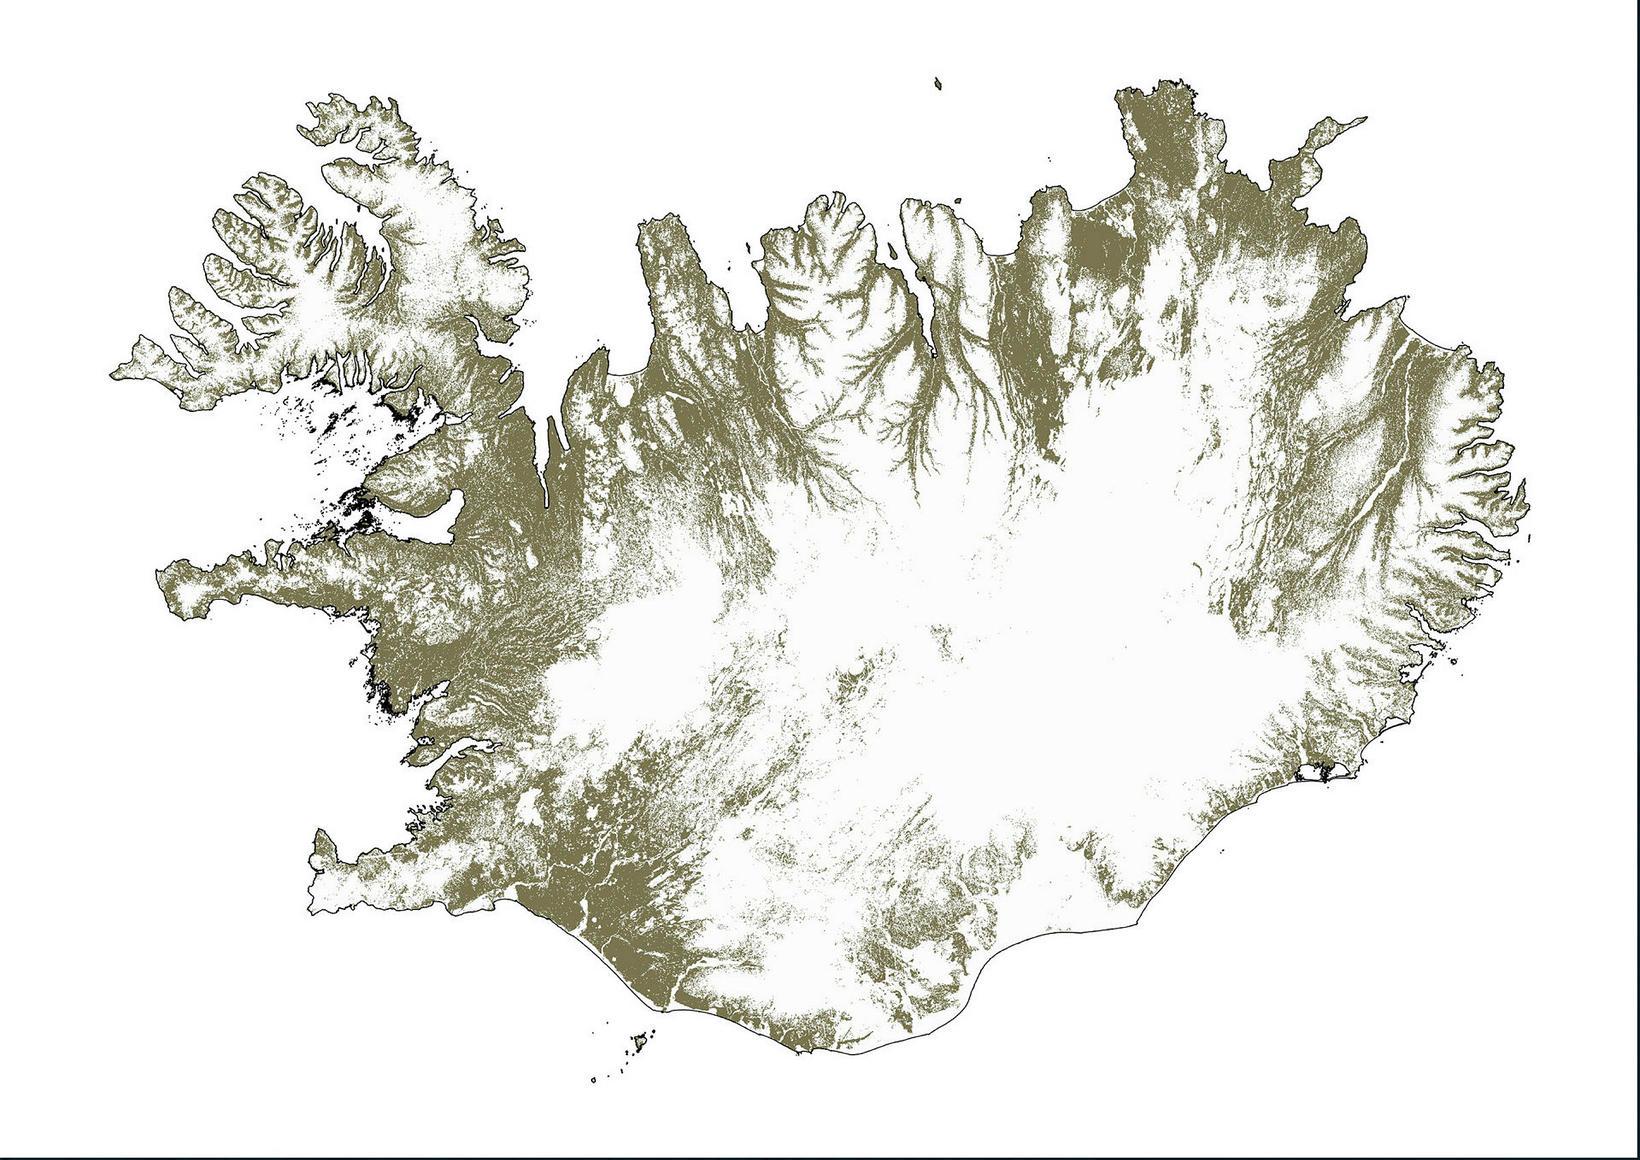 GreenIndX magnfærir hlutfall gróðurs á skilgreindu landsvæði út frá gervitungla …